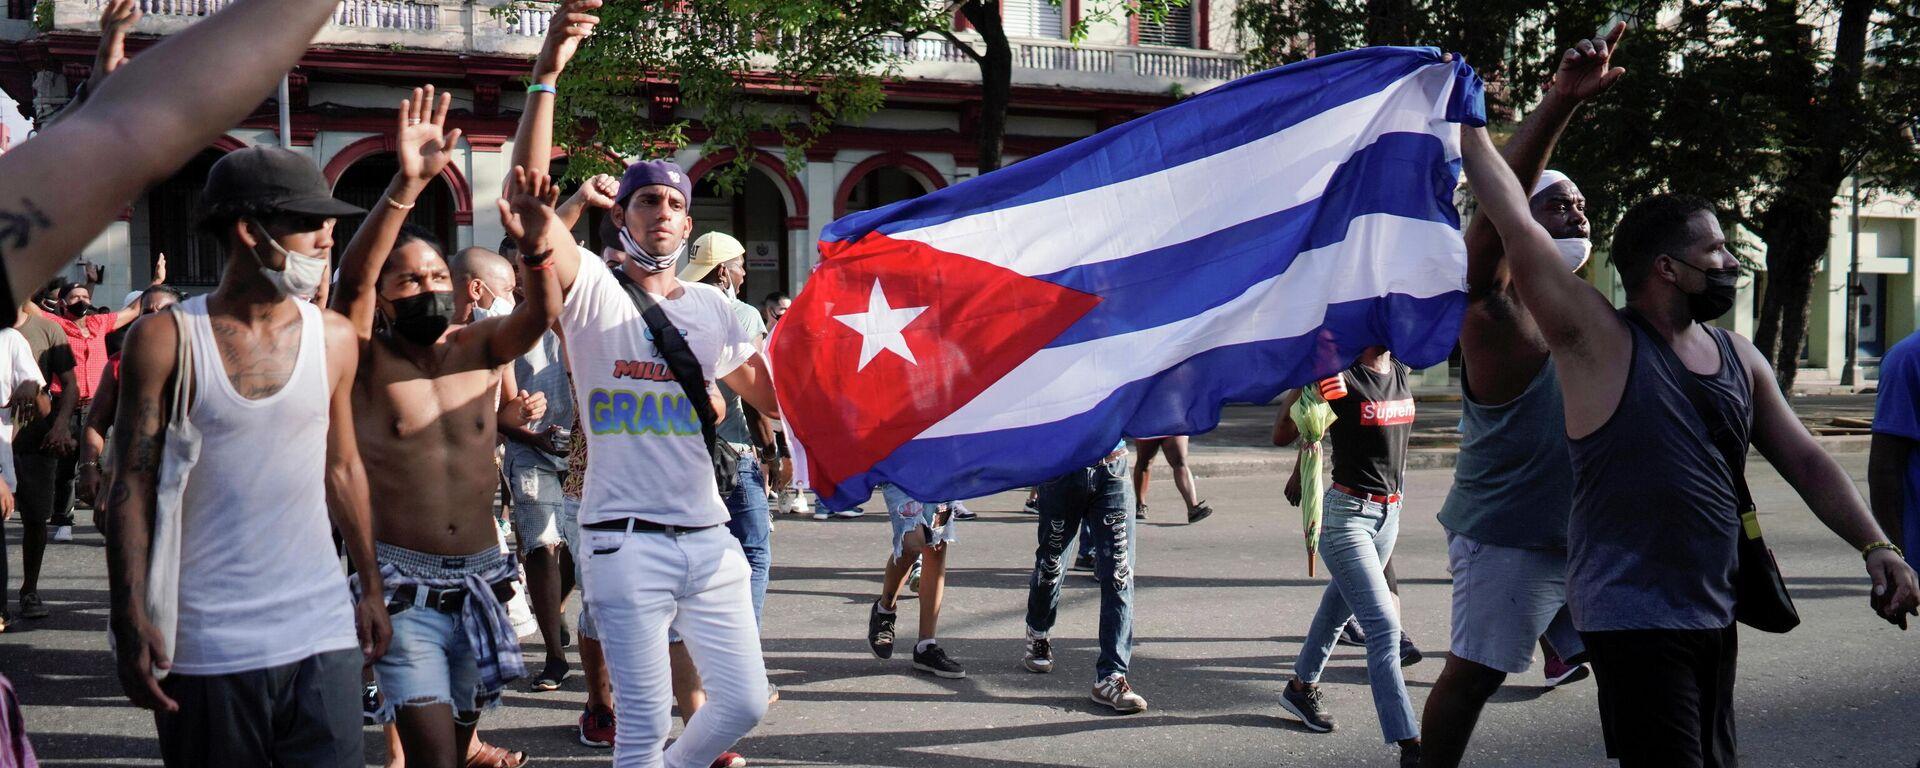 Manifestación en La Habana, Cuba - Sputnik Mundo, 1920, 12.07.2021